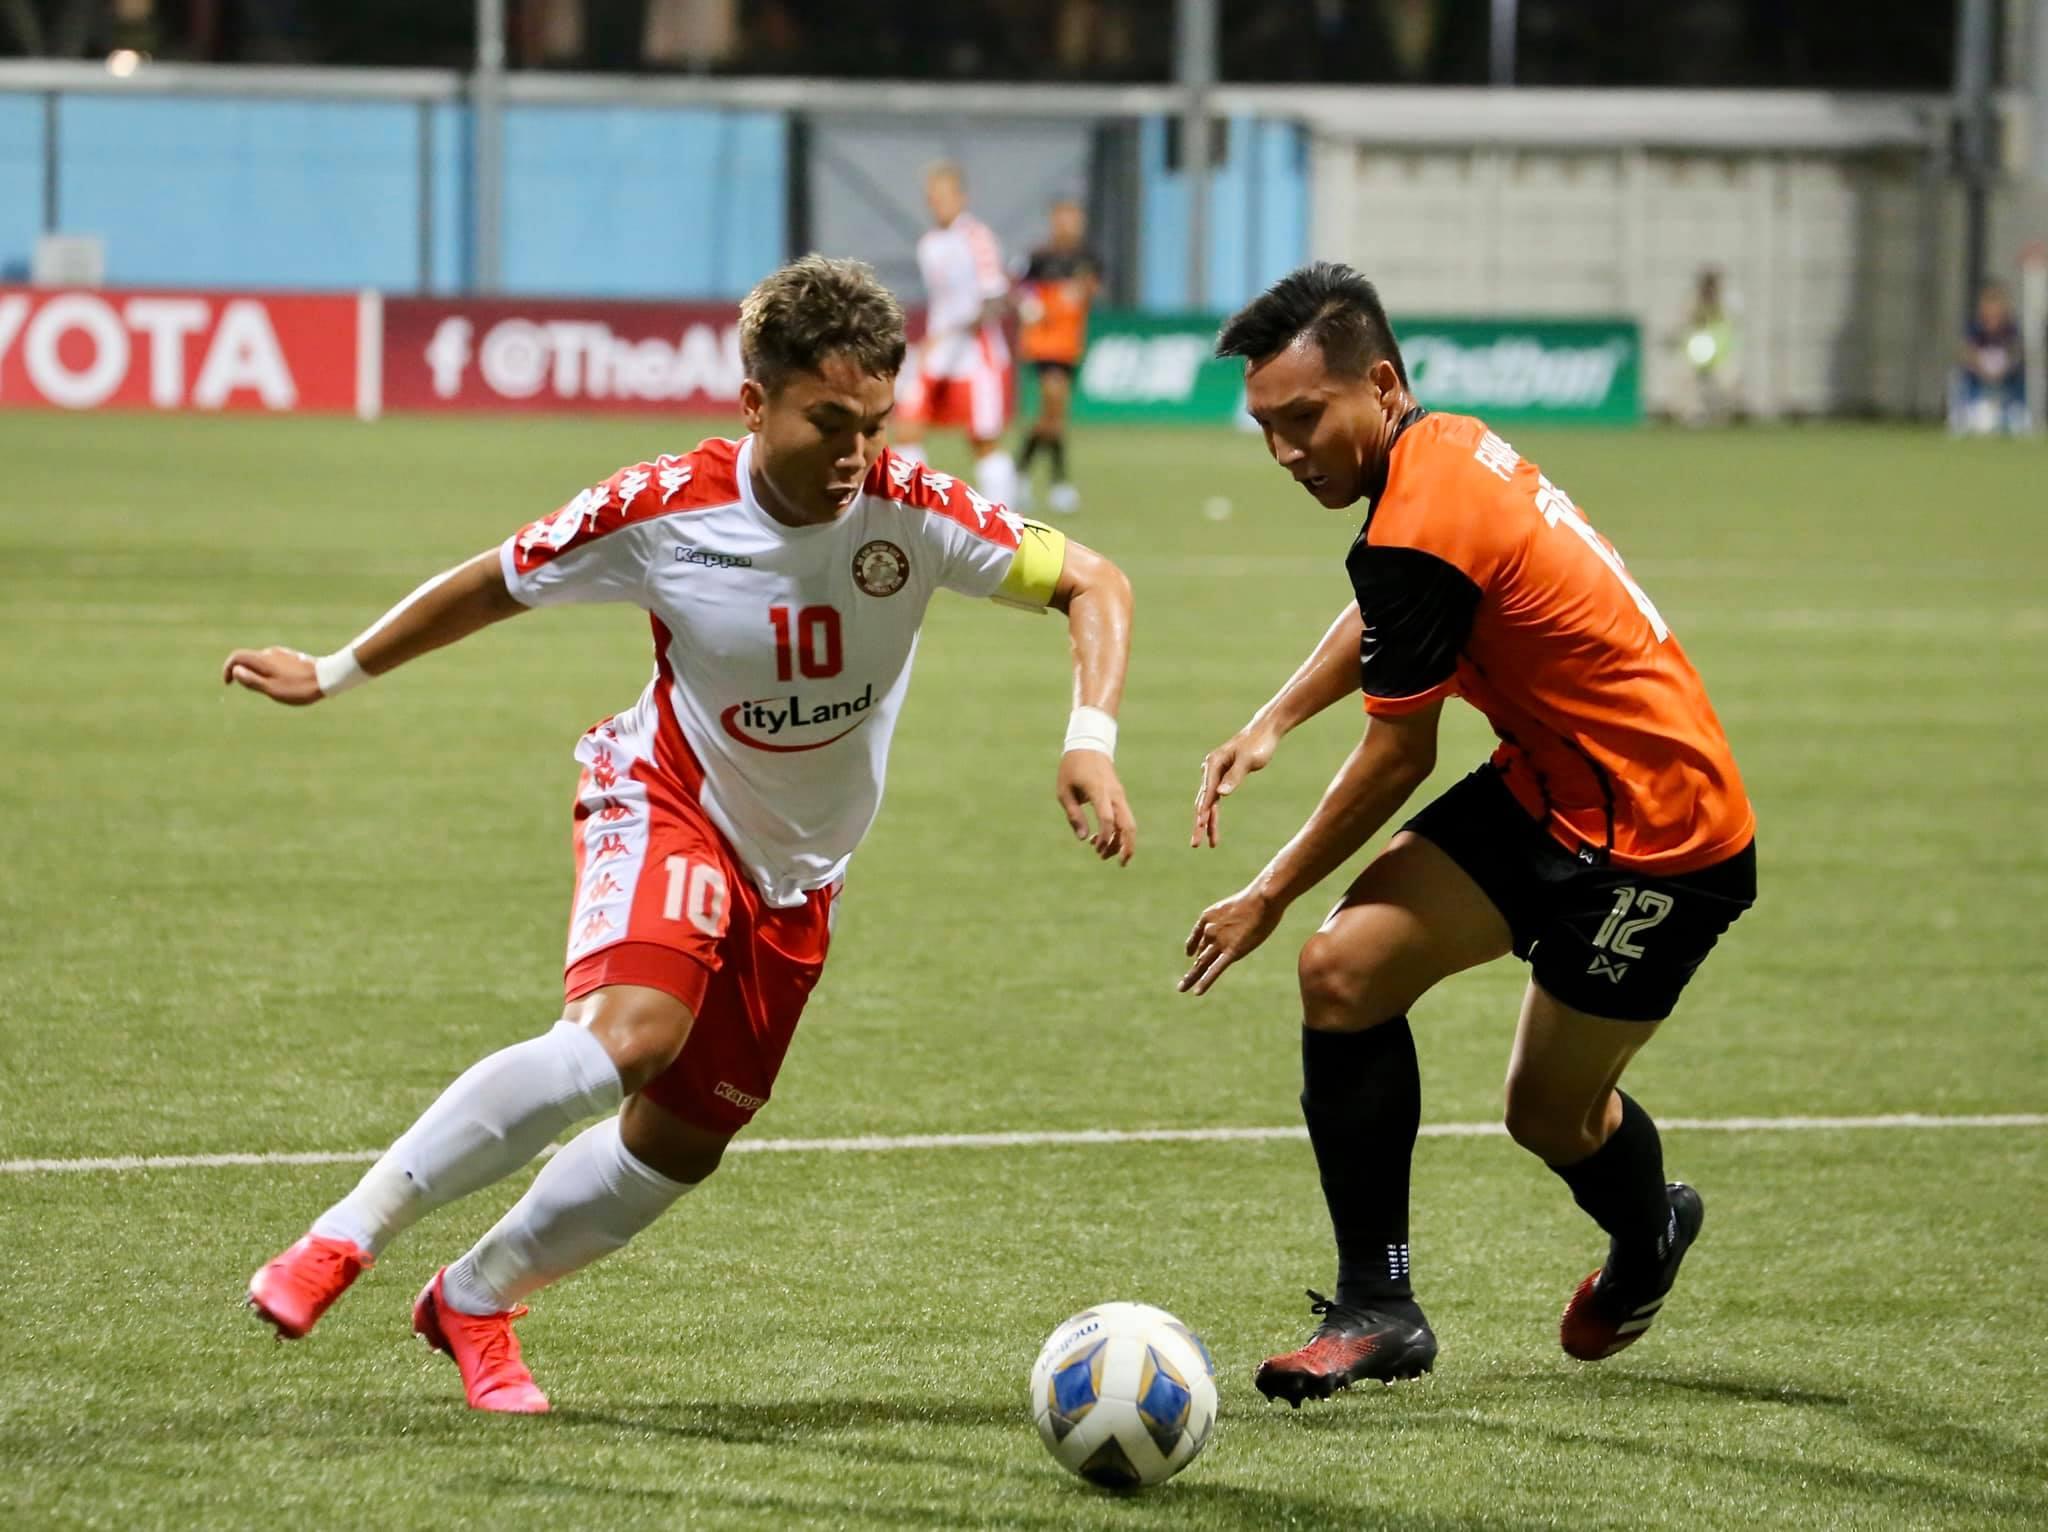 Phi Sơn chơi cực hay trong chiến thắng 3-2 của TP.HCM trước Hougang United ở AFC Cup - Ảnh: TP.HCM